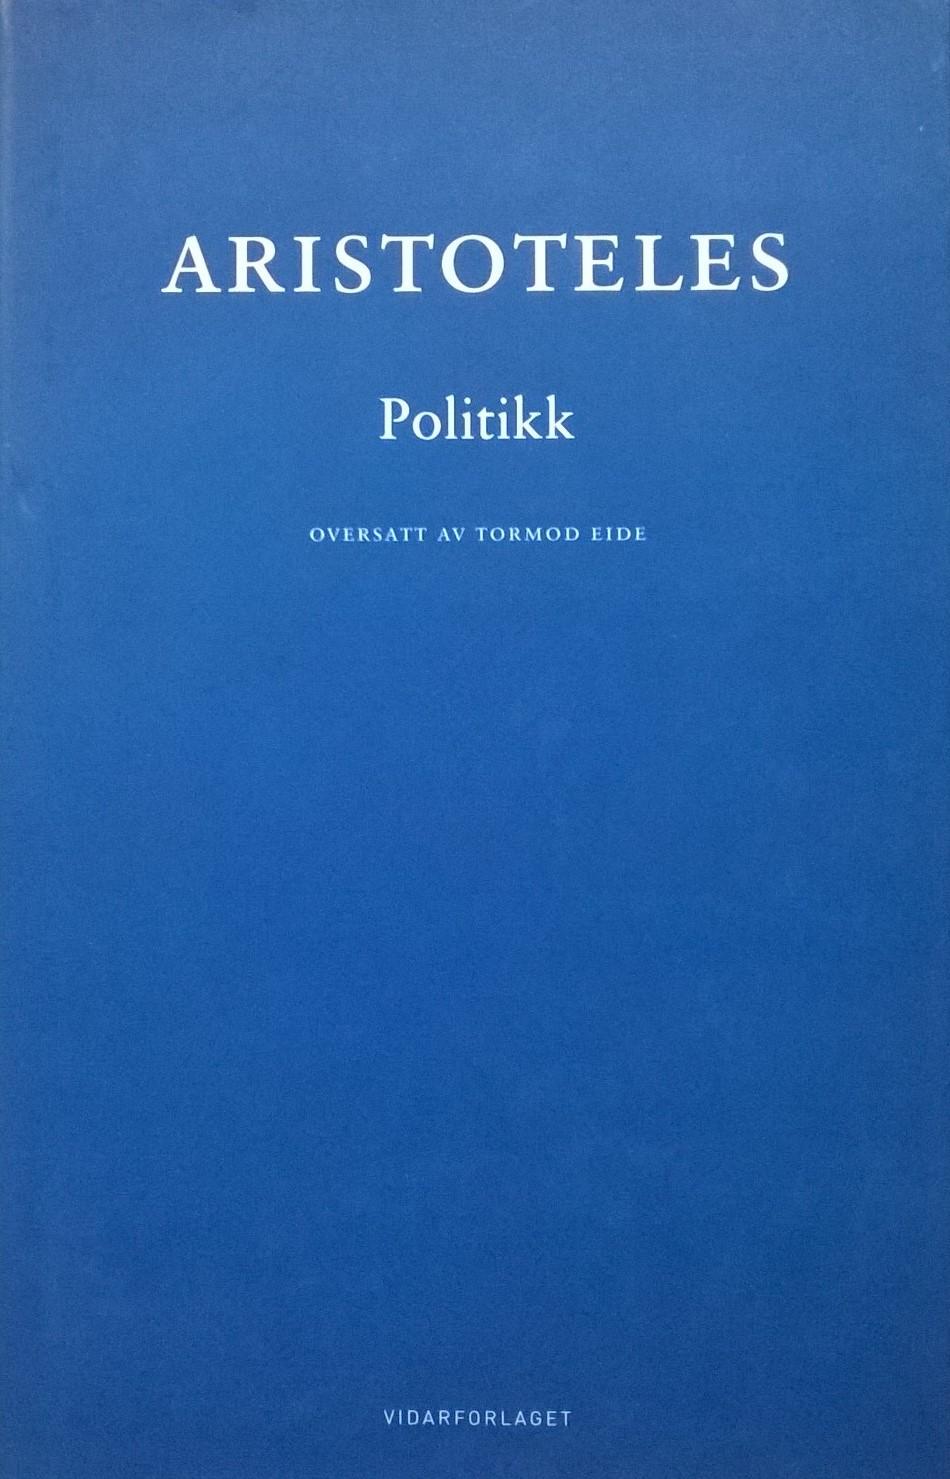 Aristoteles Politikk